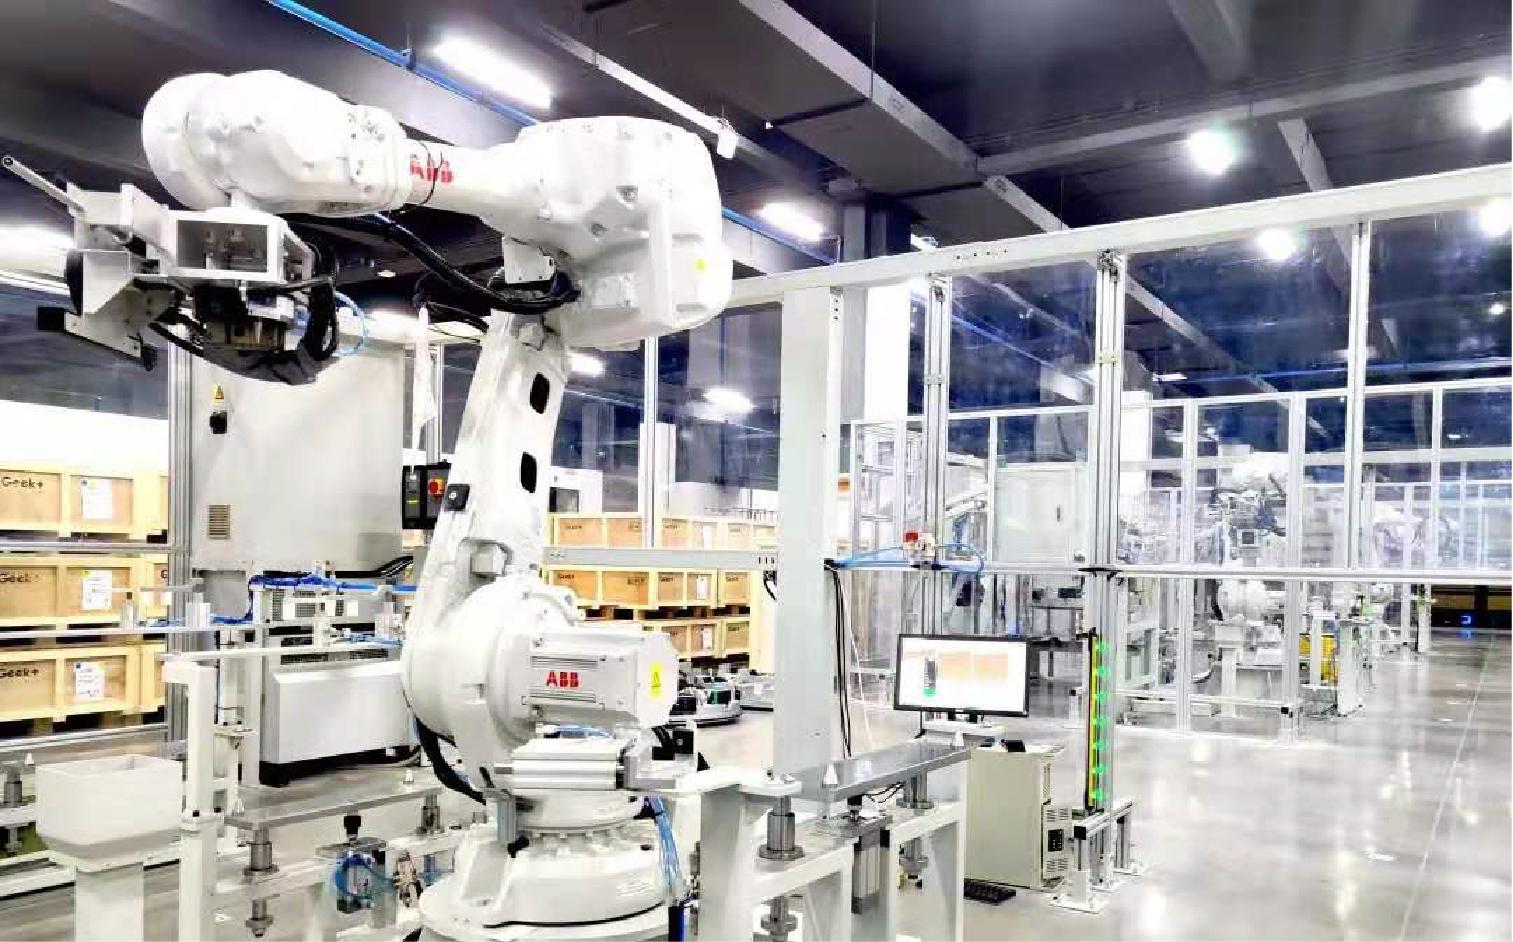 极智嘉打造AMR智慧工厂, 实现机器人生产机器人